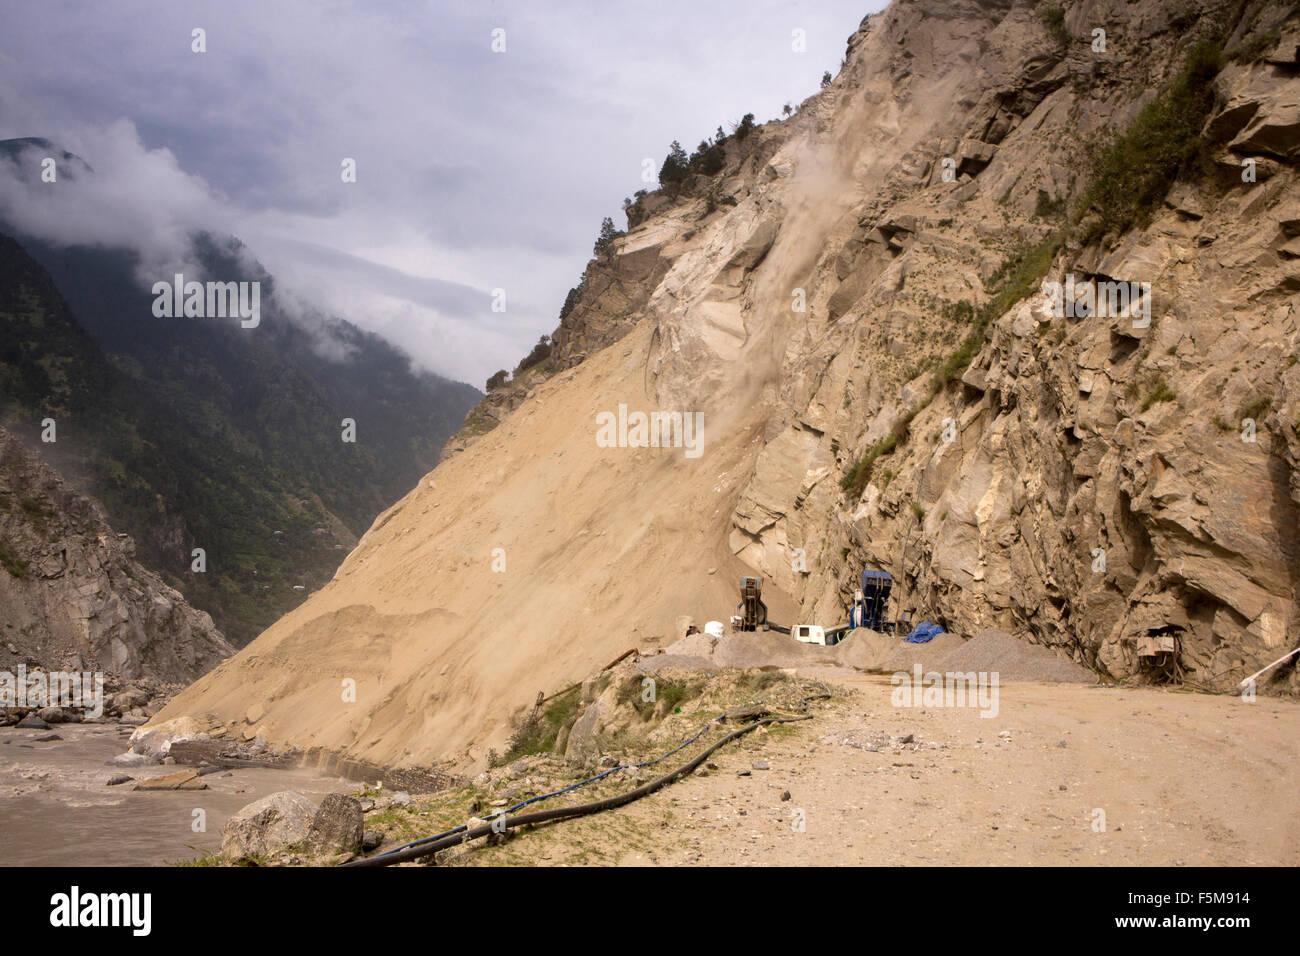 India, Himachal Pradesh, escolarización, bloqueo de deslizamientos masivos Hindustan al Tíbet Highway Imagen De Stock